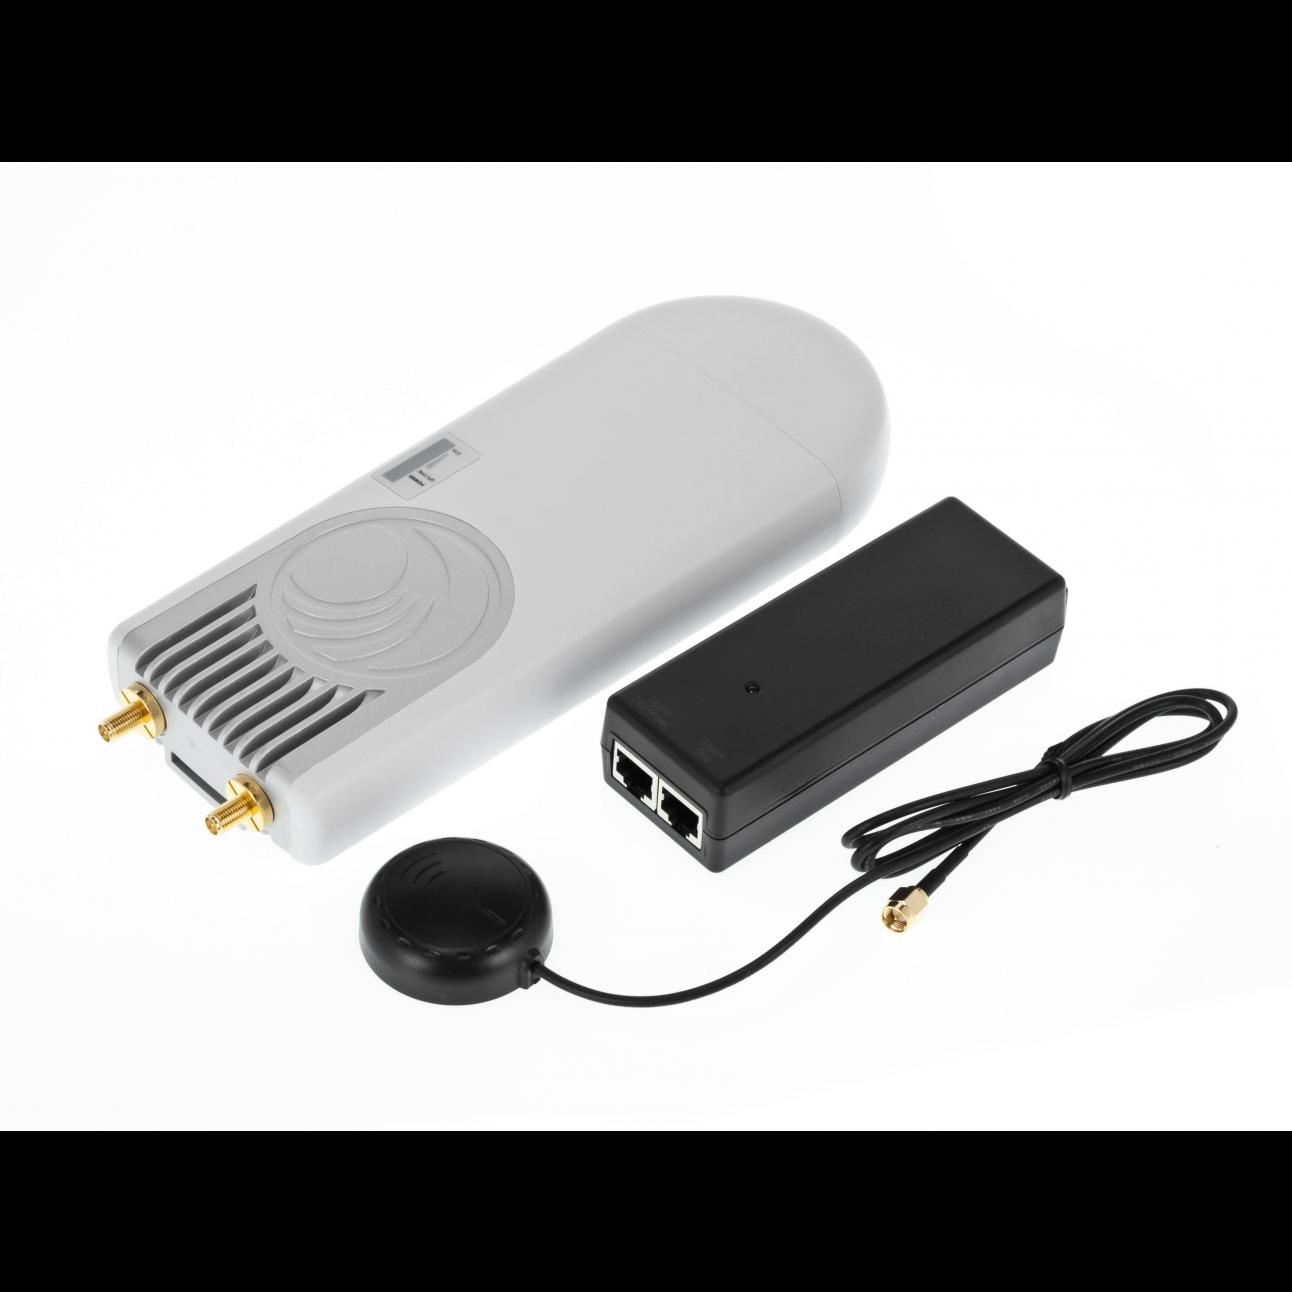 Cambium Базовая станция ePMP 1000 с GPS с синхронизацией, 5 ГГц, в комплекте с блоком питания и GPS-антенной (EU cord)